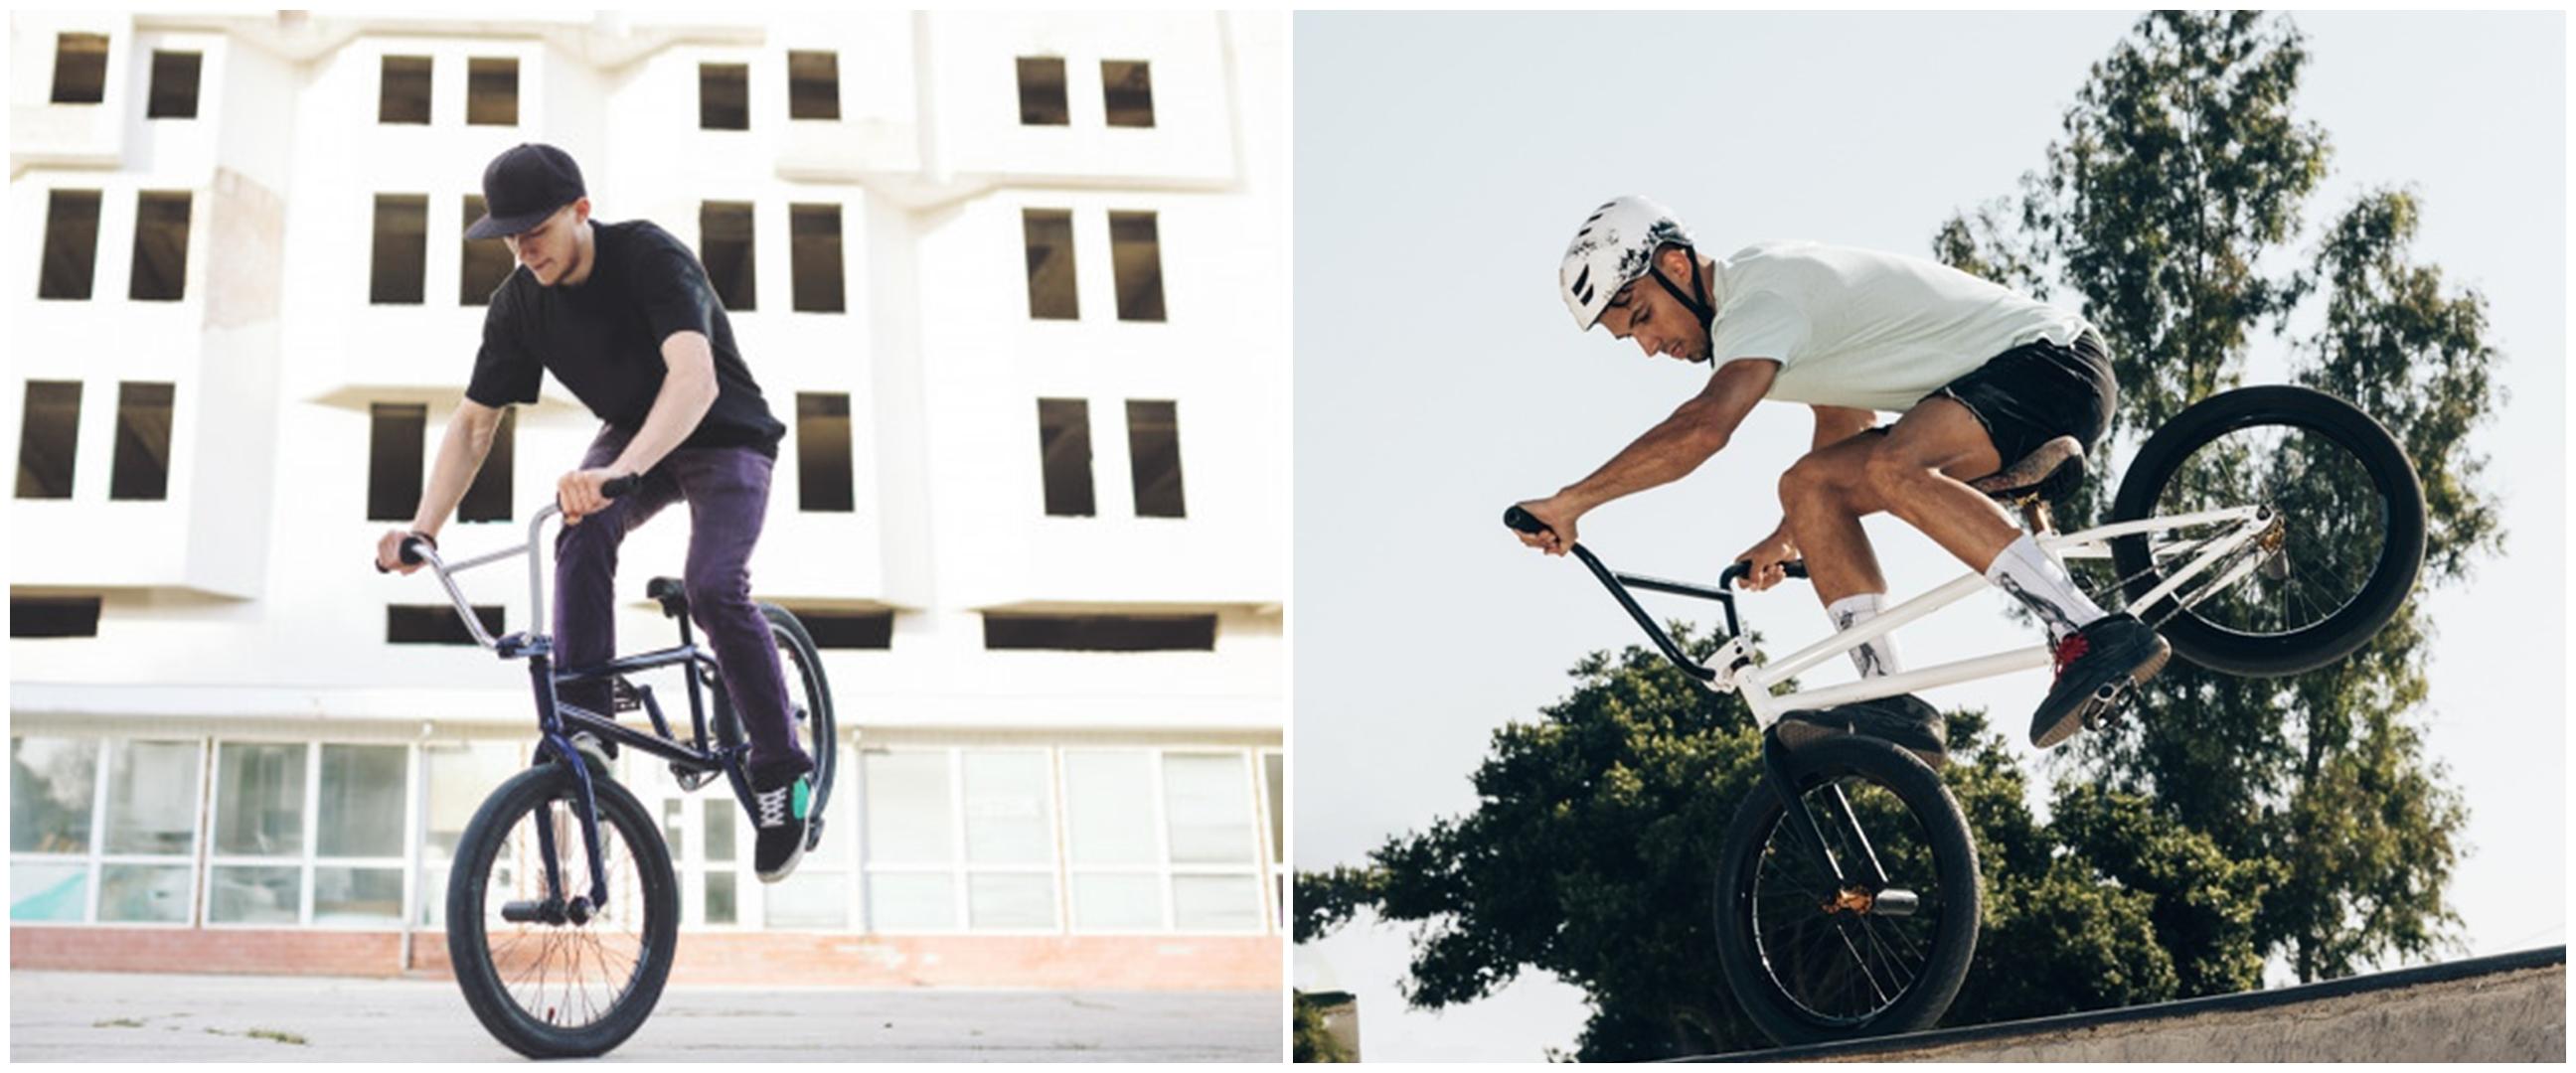 Harga sepeda BMX dan spesifikasinya, keren dan berkualitas